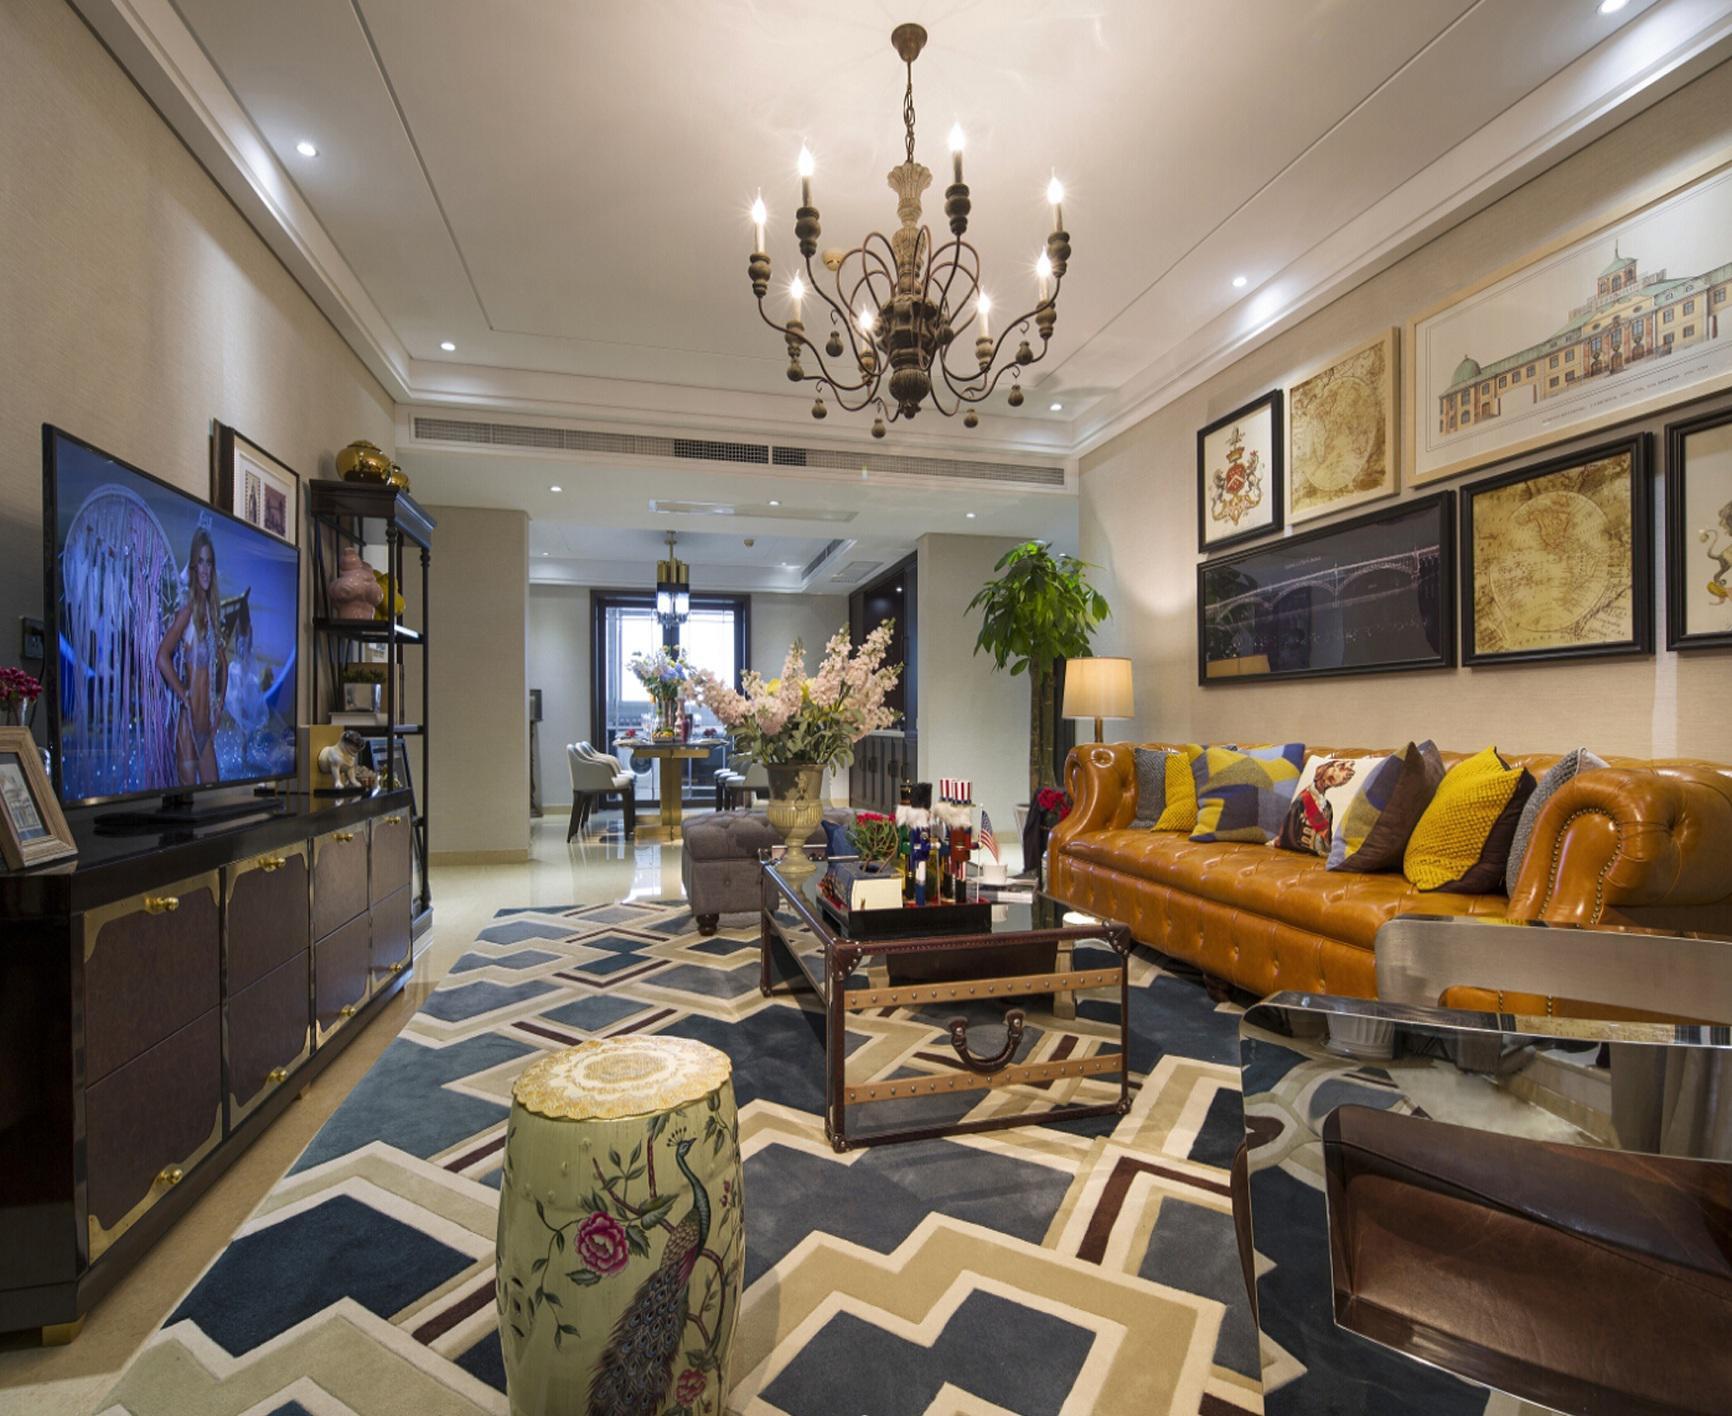 休闲美式风格家居室内设计装修图片